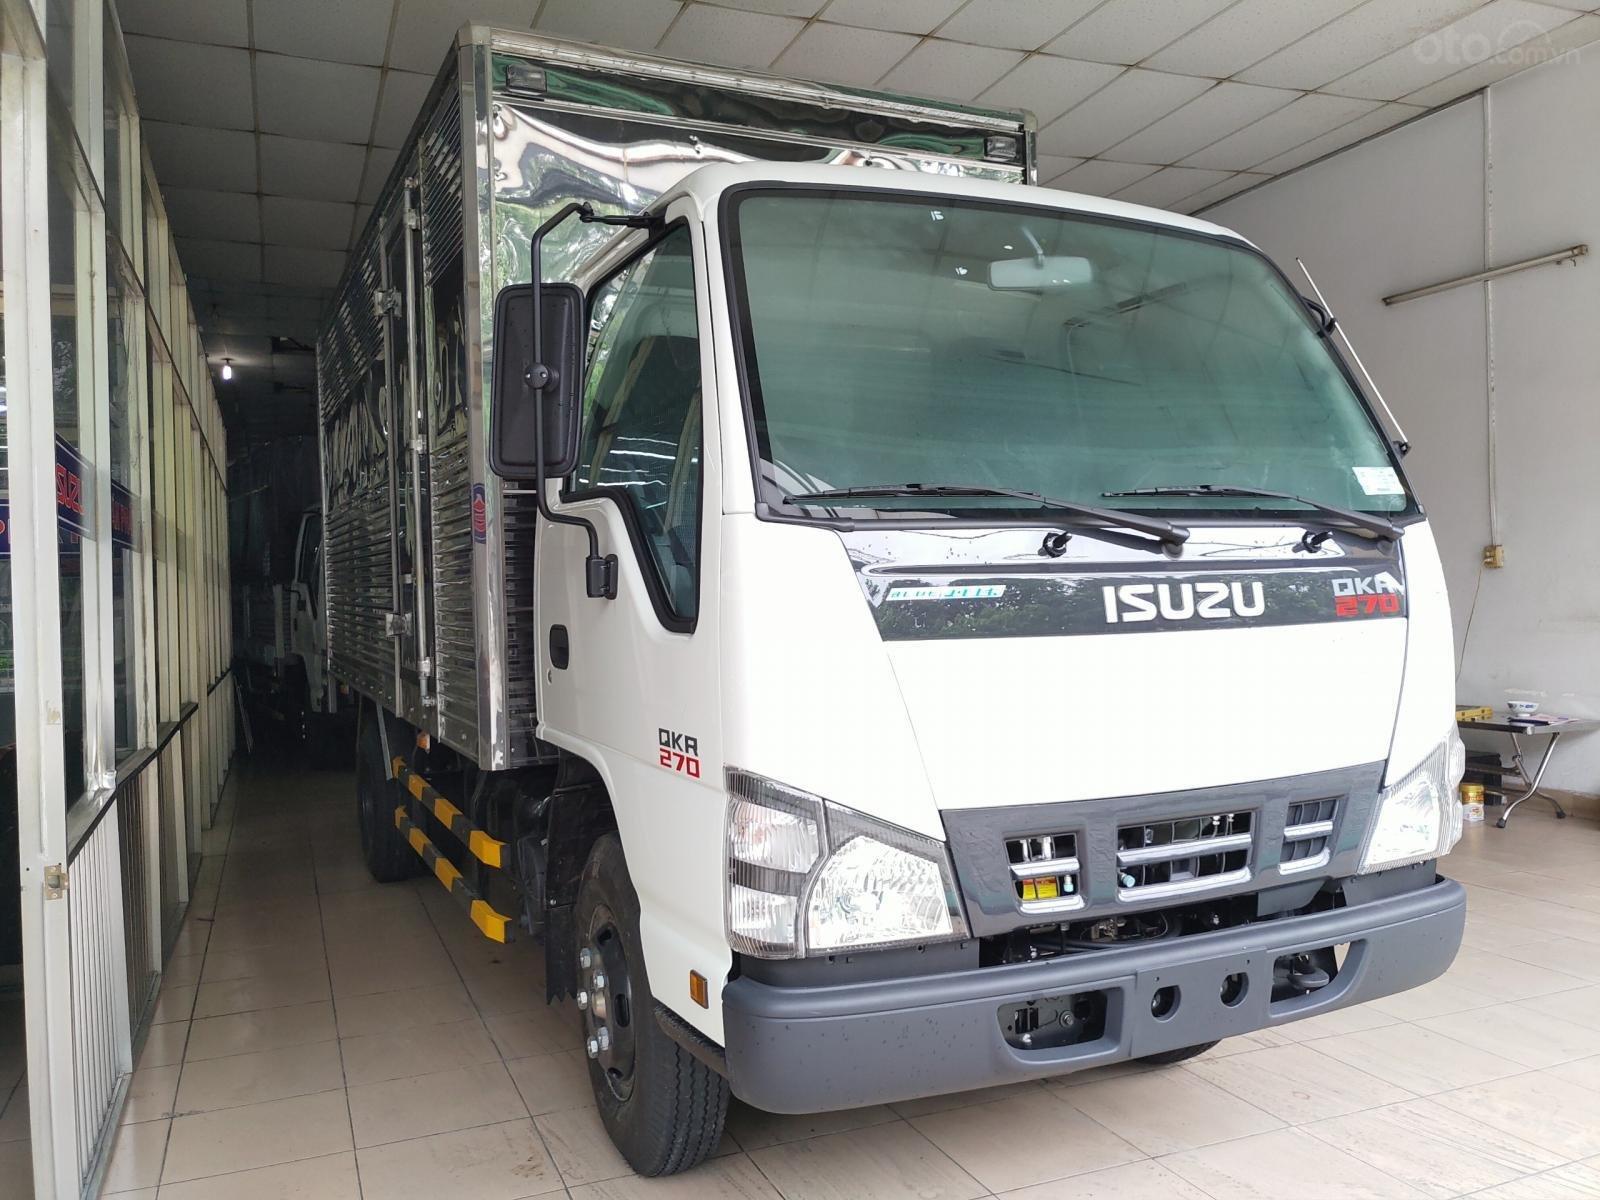 Isuzu 2850 kg, thùng dài 4m4, KM: 10.4tr tiền mặt, máy lạnh, 12 phiếu bảo dưỡng, radio MP3 (2)